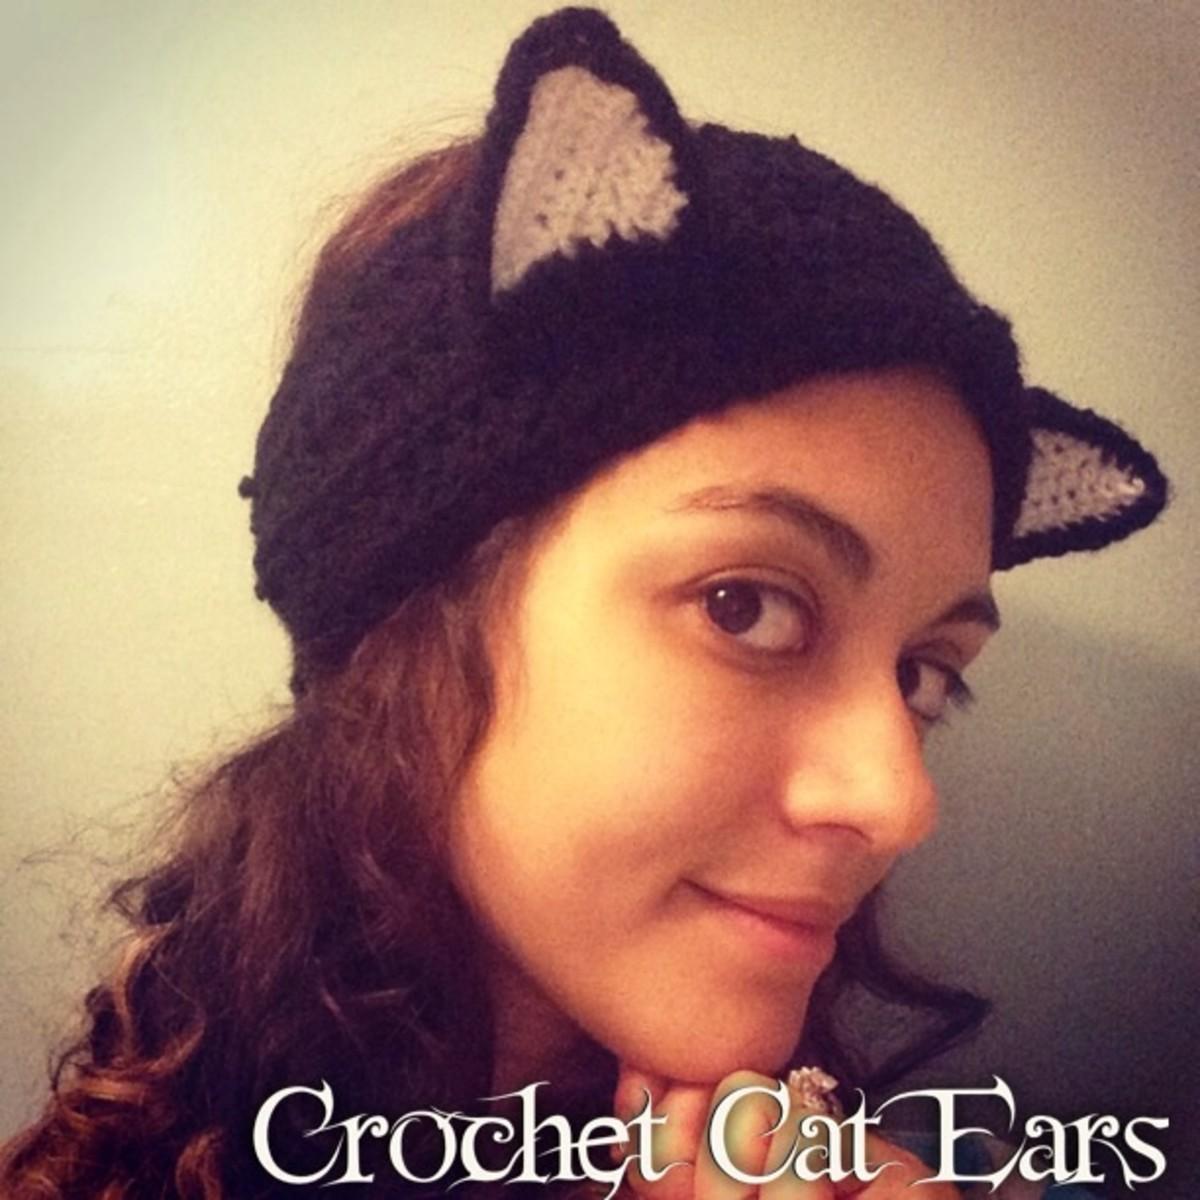 Amigurumi Triangle Ears : Crochet Cat Ears Pattern